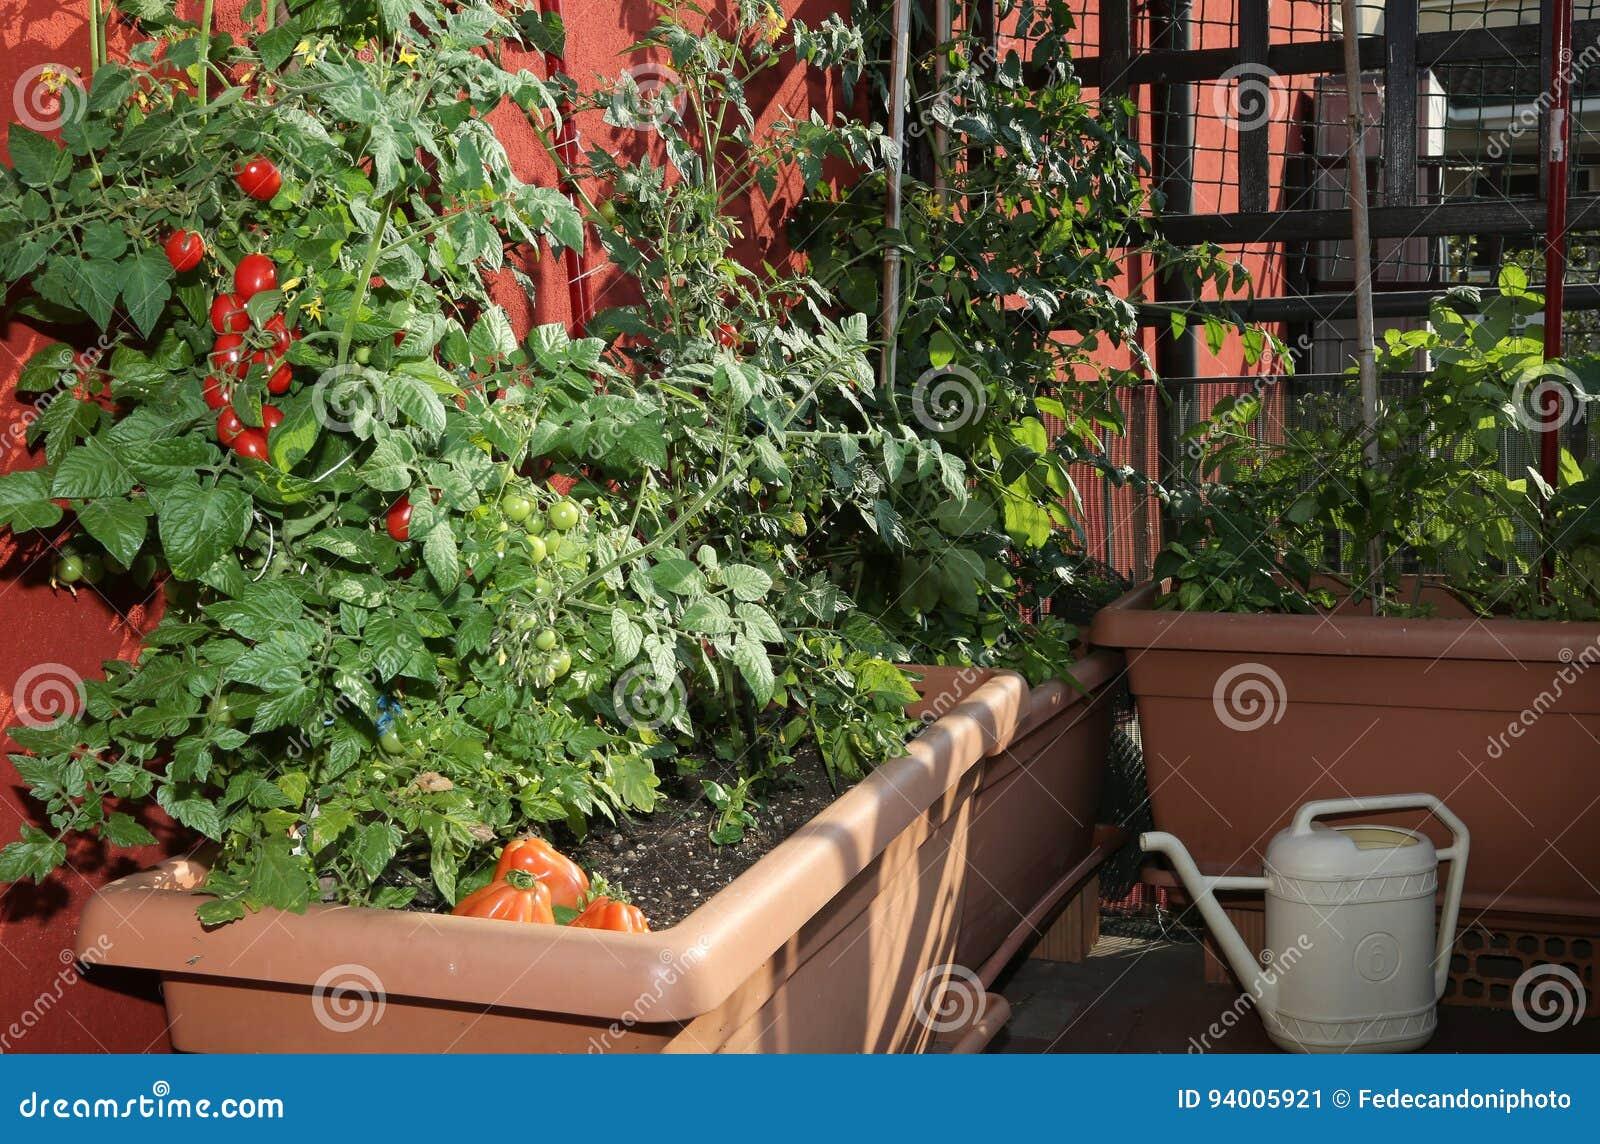 Cultivo Del Tomate En Los Floreros De Un Jardín Urbano